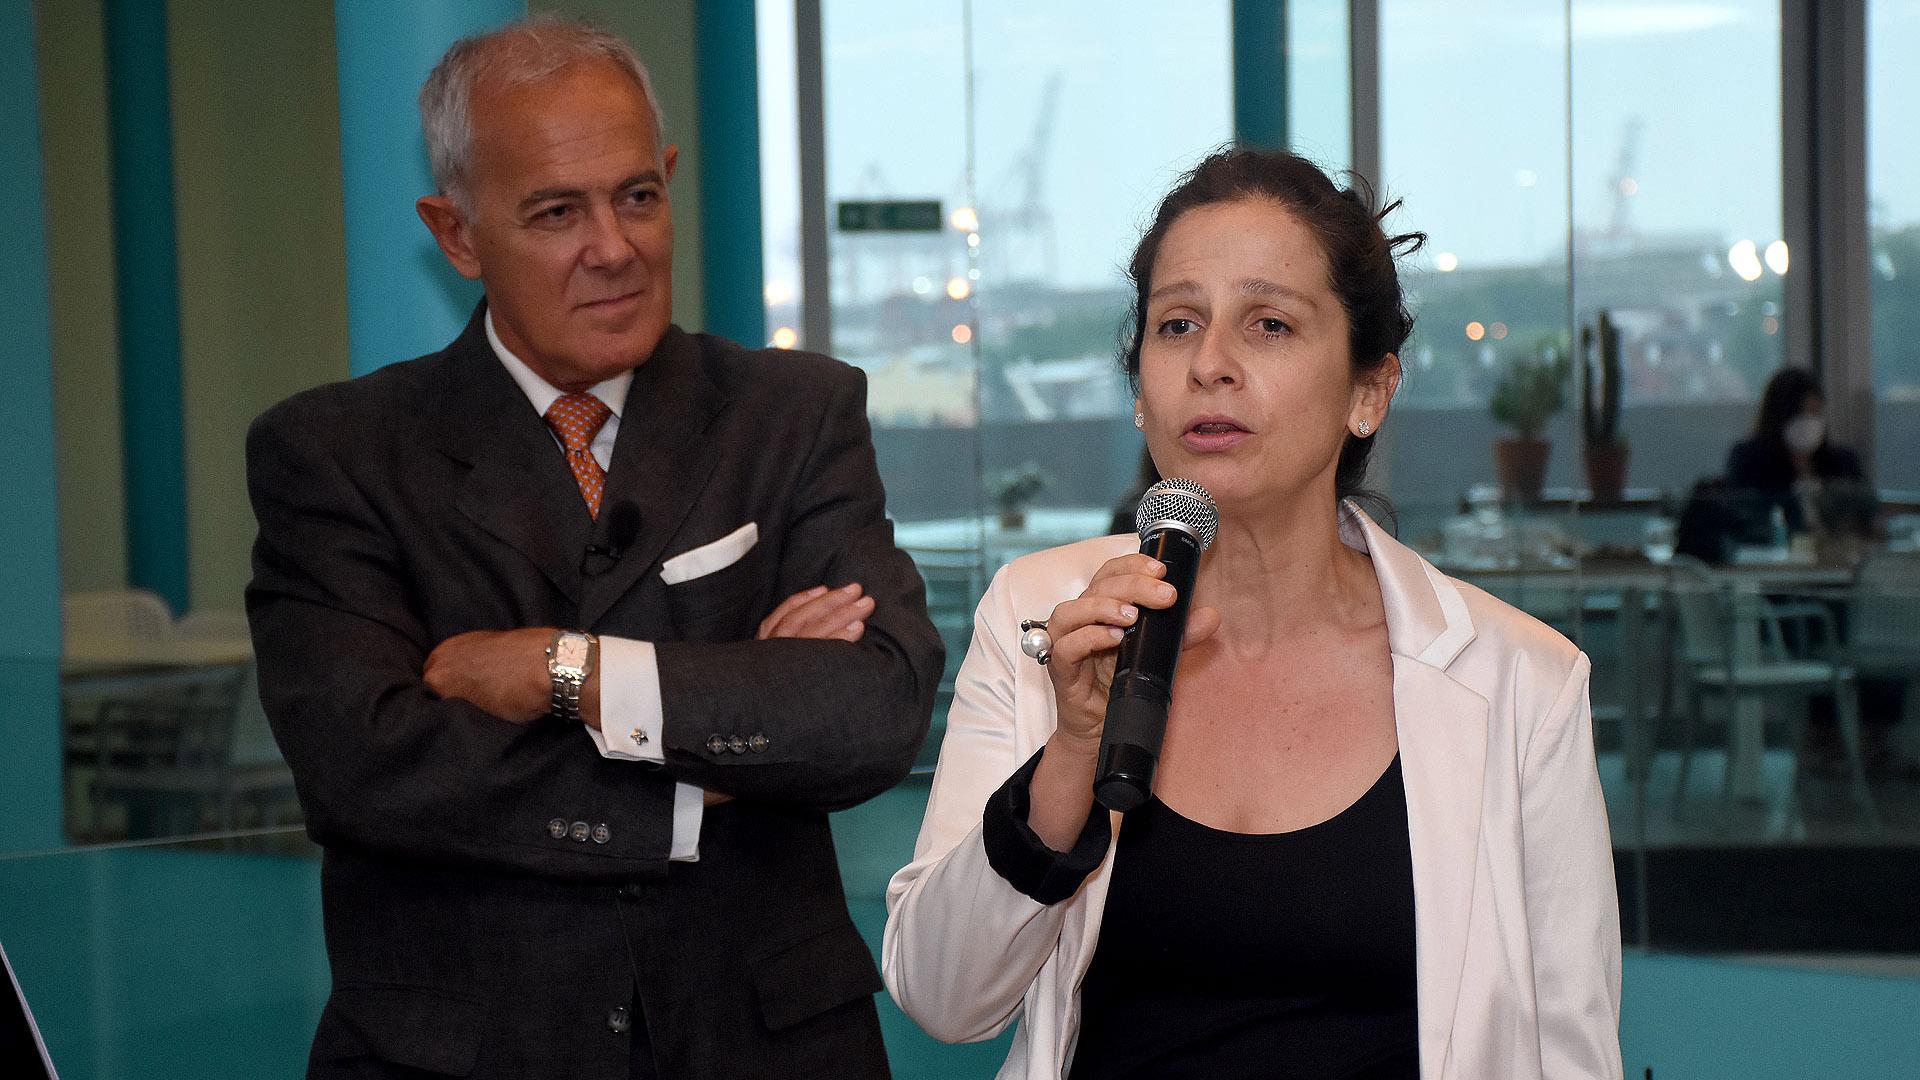 Natasha Niebieskikwiat, periodista especializada en Asuntos de Gobierno y Política Internacional